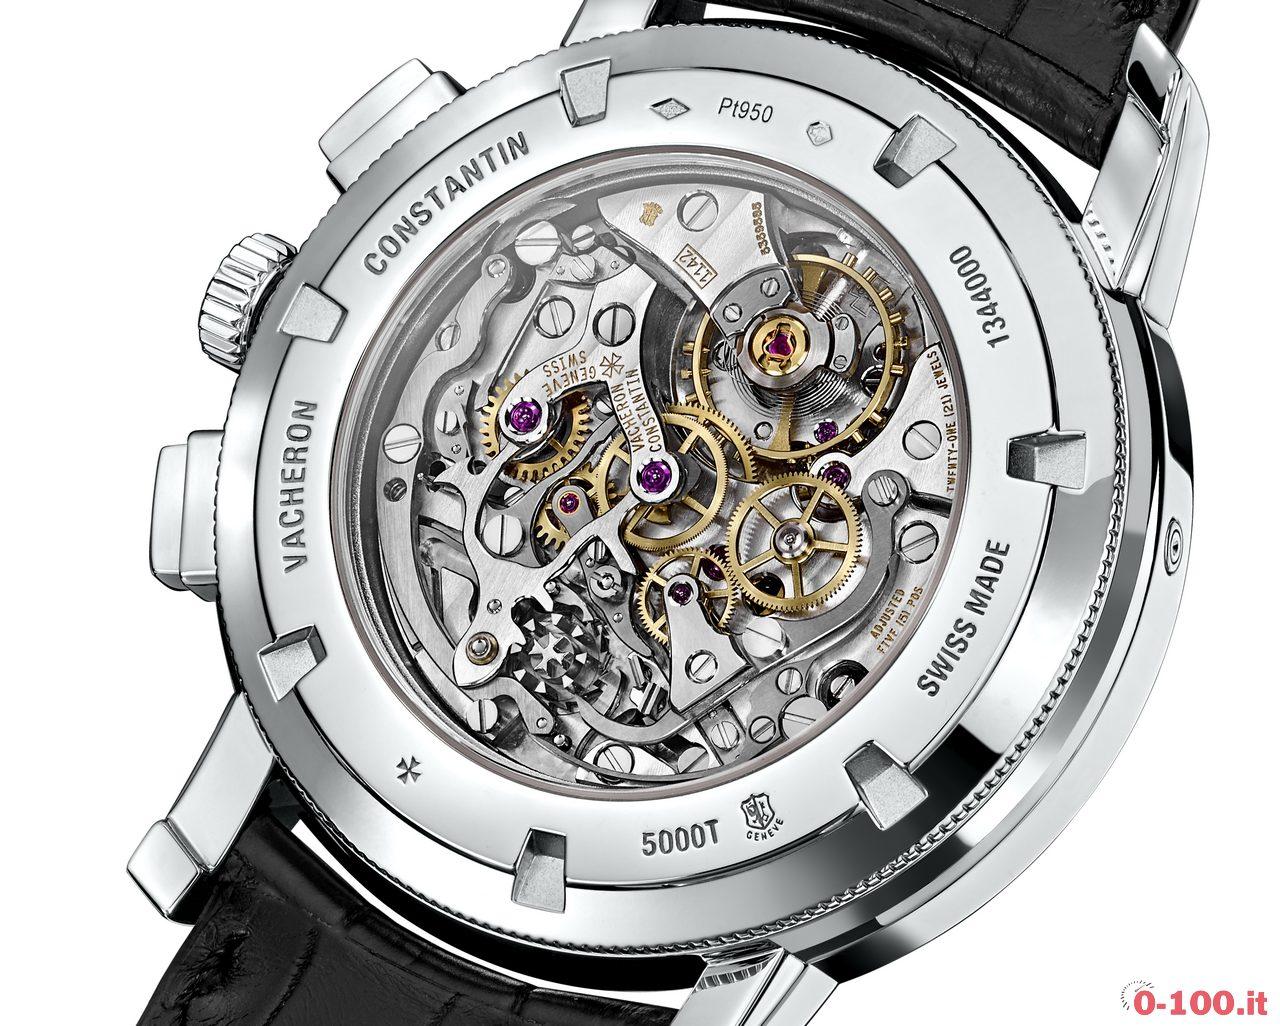 vacheron-constantin-traditionnelle-cronografo-con-calendario-perpetuo-ref-5000t000p-b048-prezzo-price_0-1006